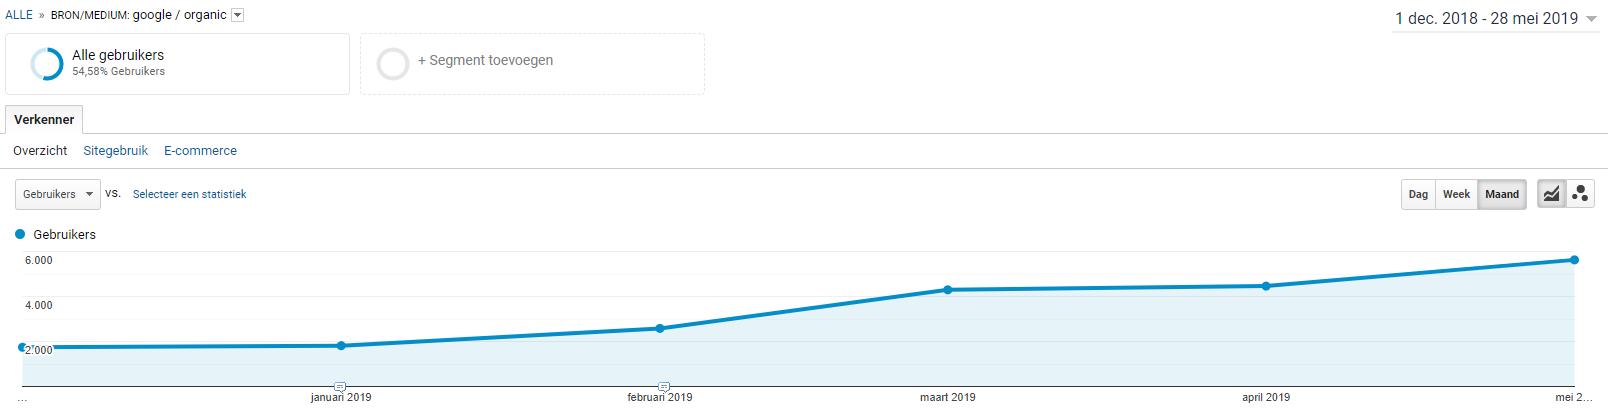 seo resultaat zoekmachine optimalisatie - organische zoekverkeer google analytics